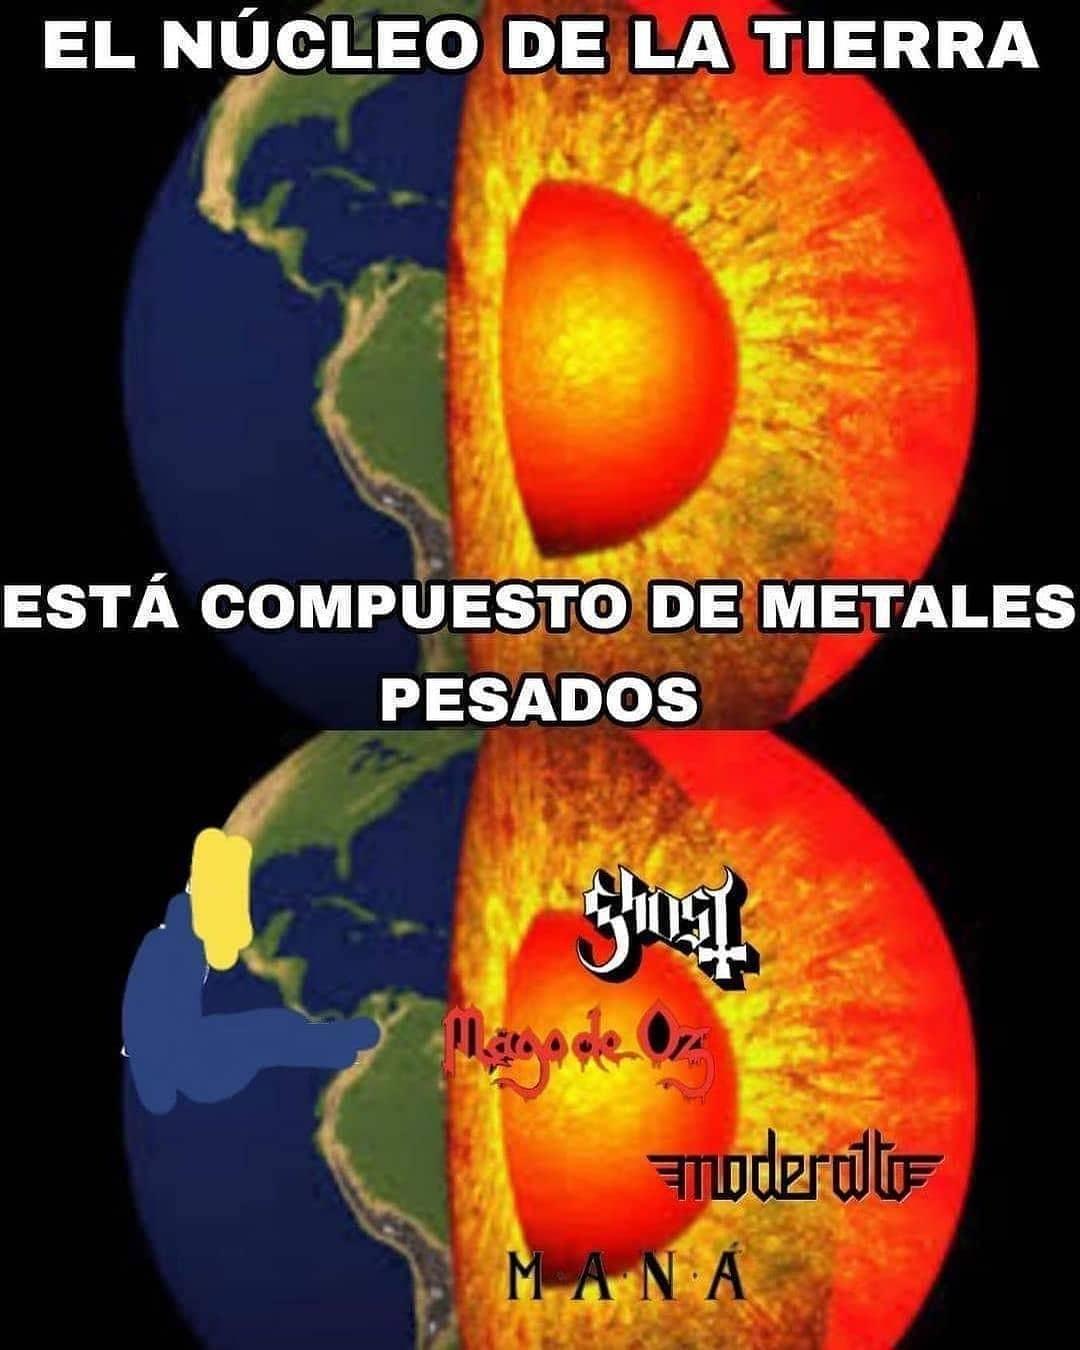 El núcleo de la tierra está compuesto de metales pesados.